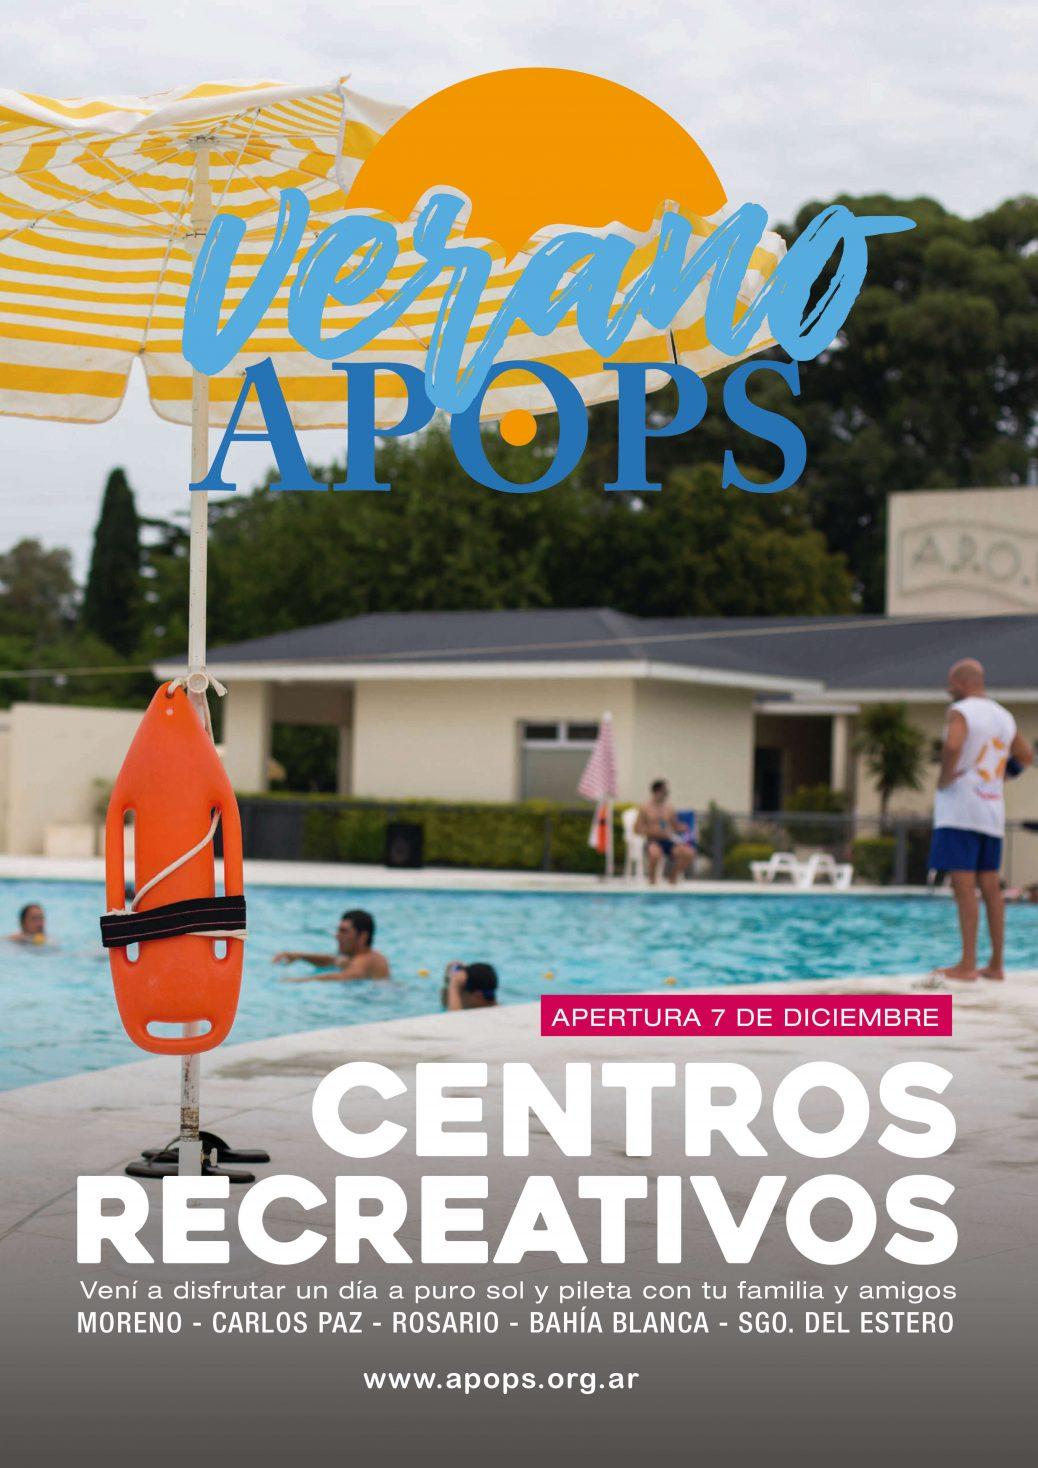 centros-recreativos